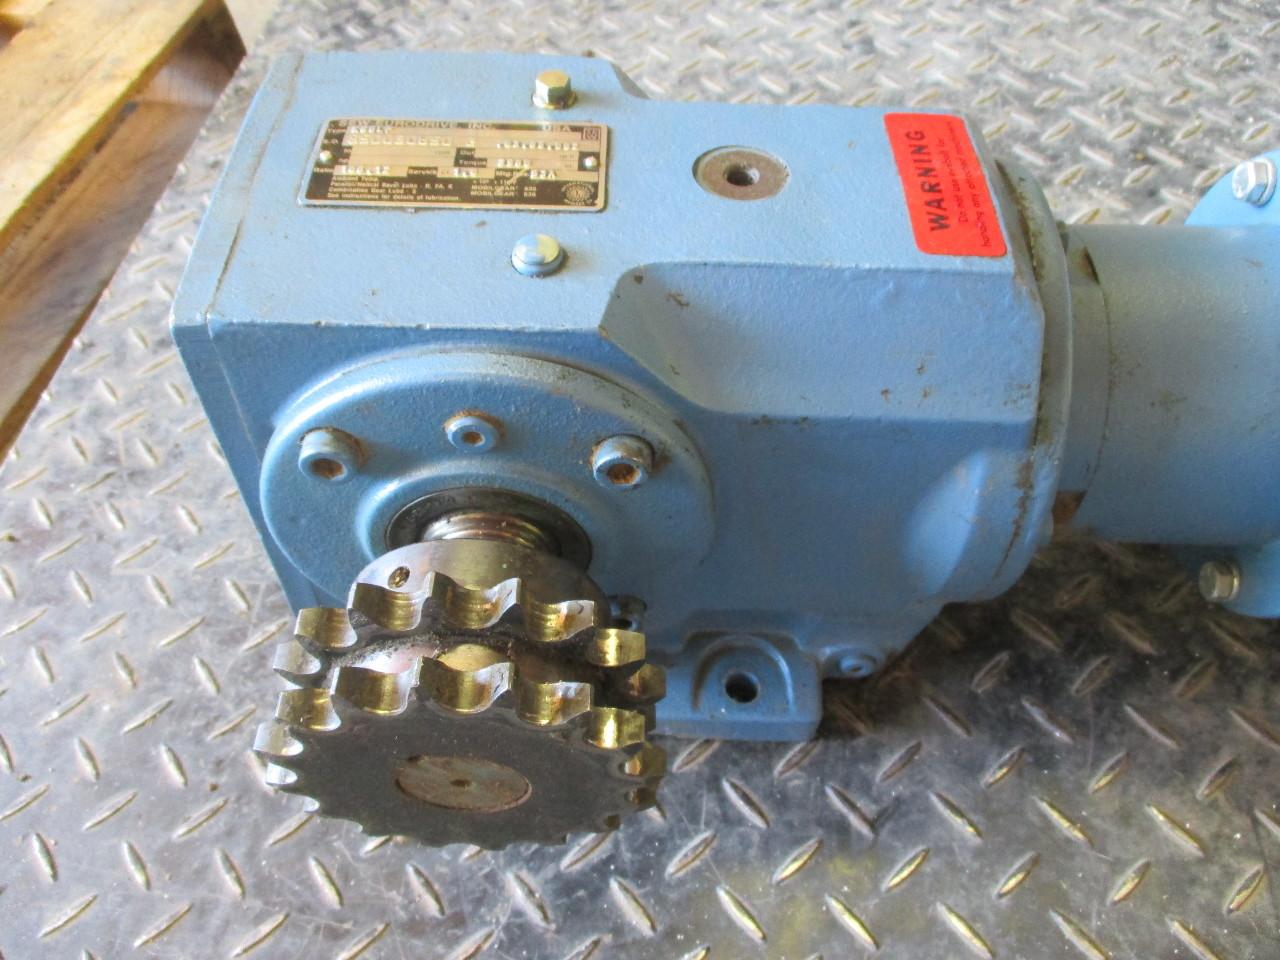 Baldor Ac Motor Vm3546 1 Hp Sew Eurodrive K66lp Speed